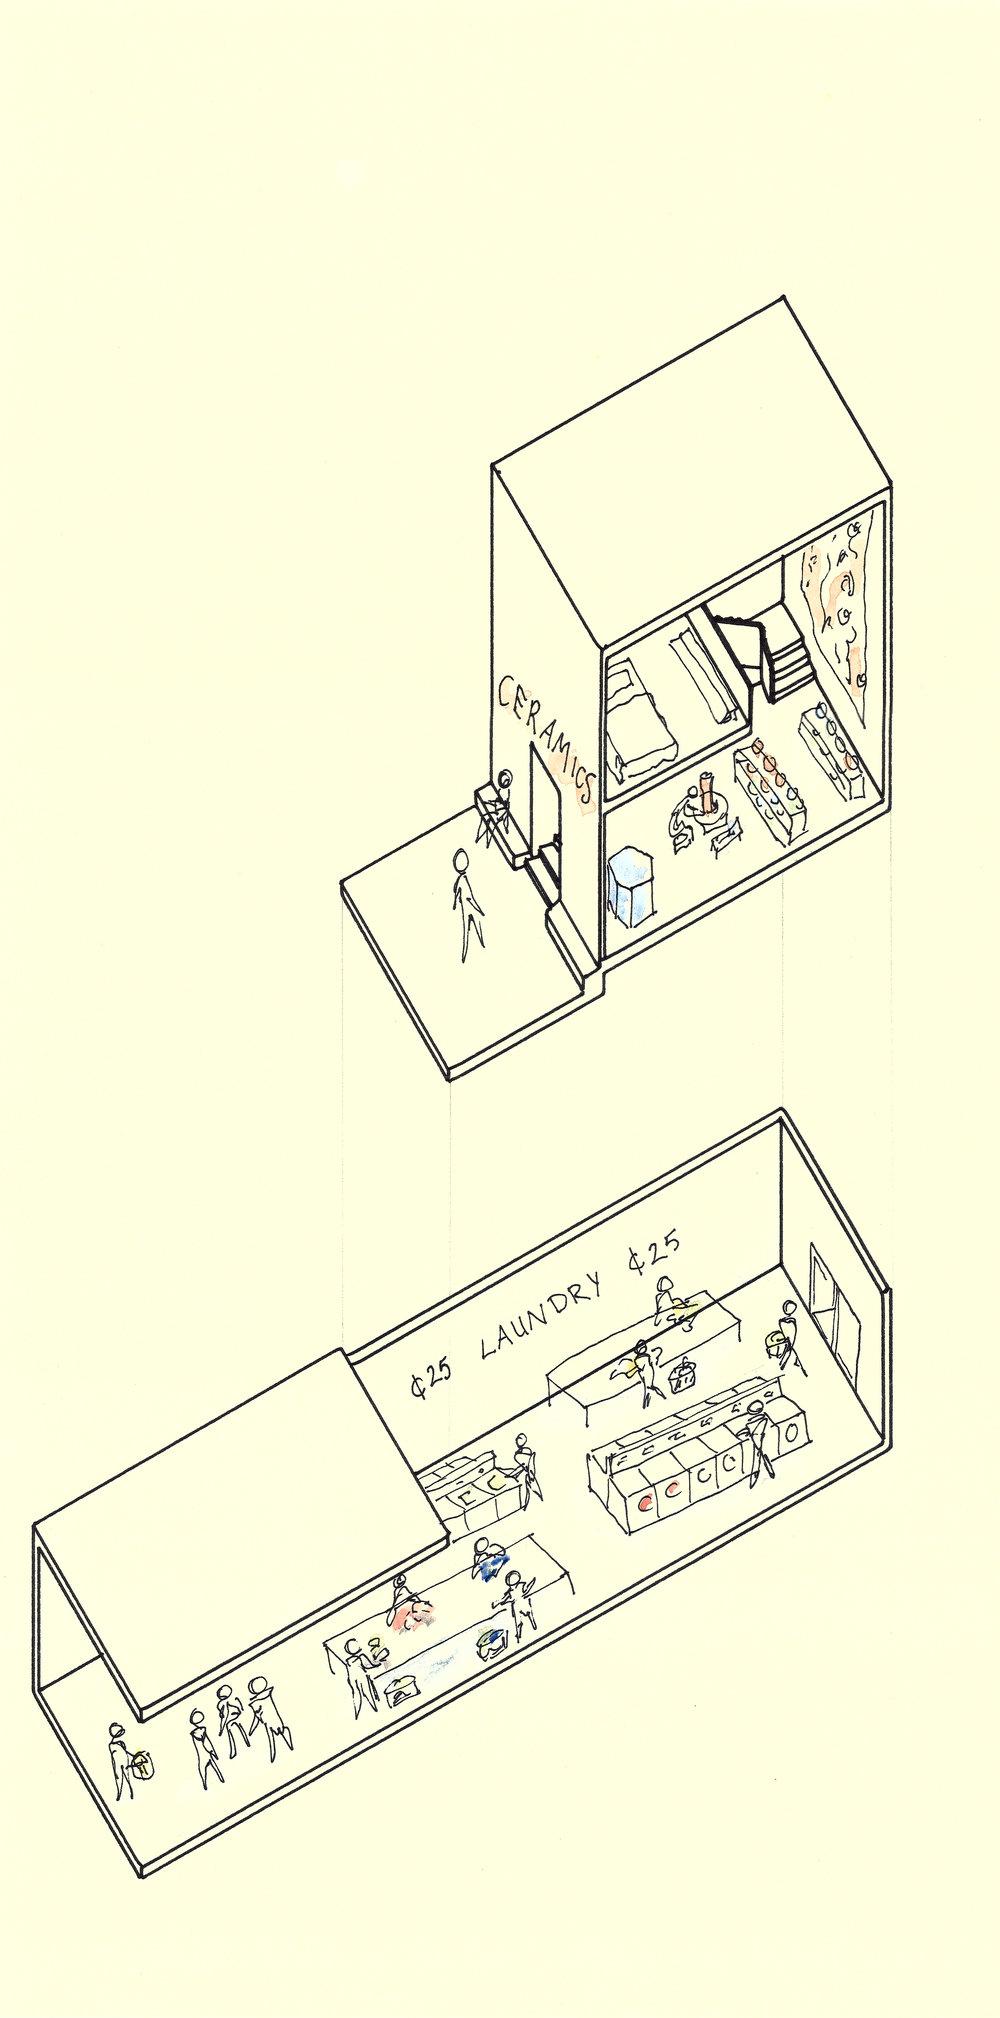 axon 2.jpg